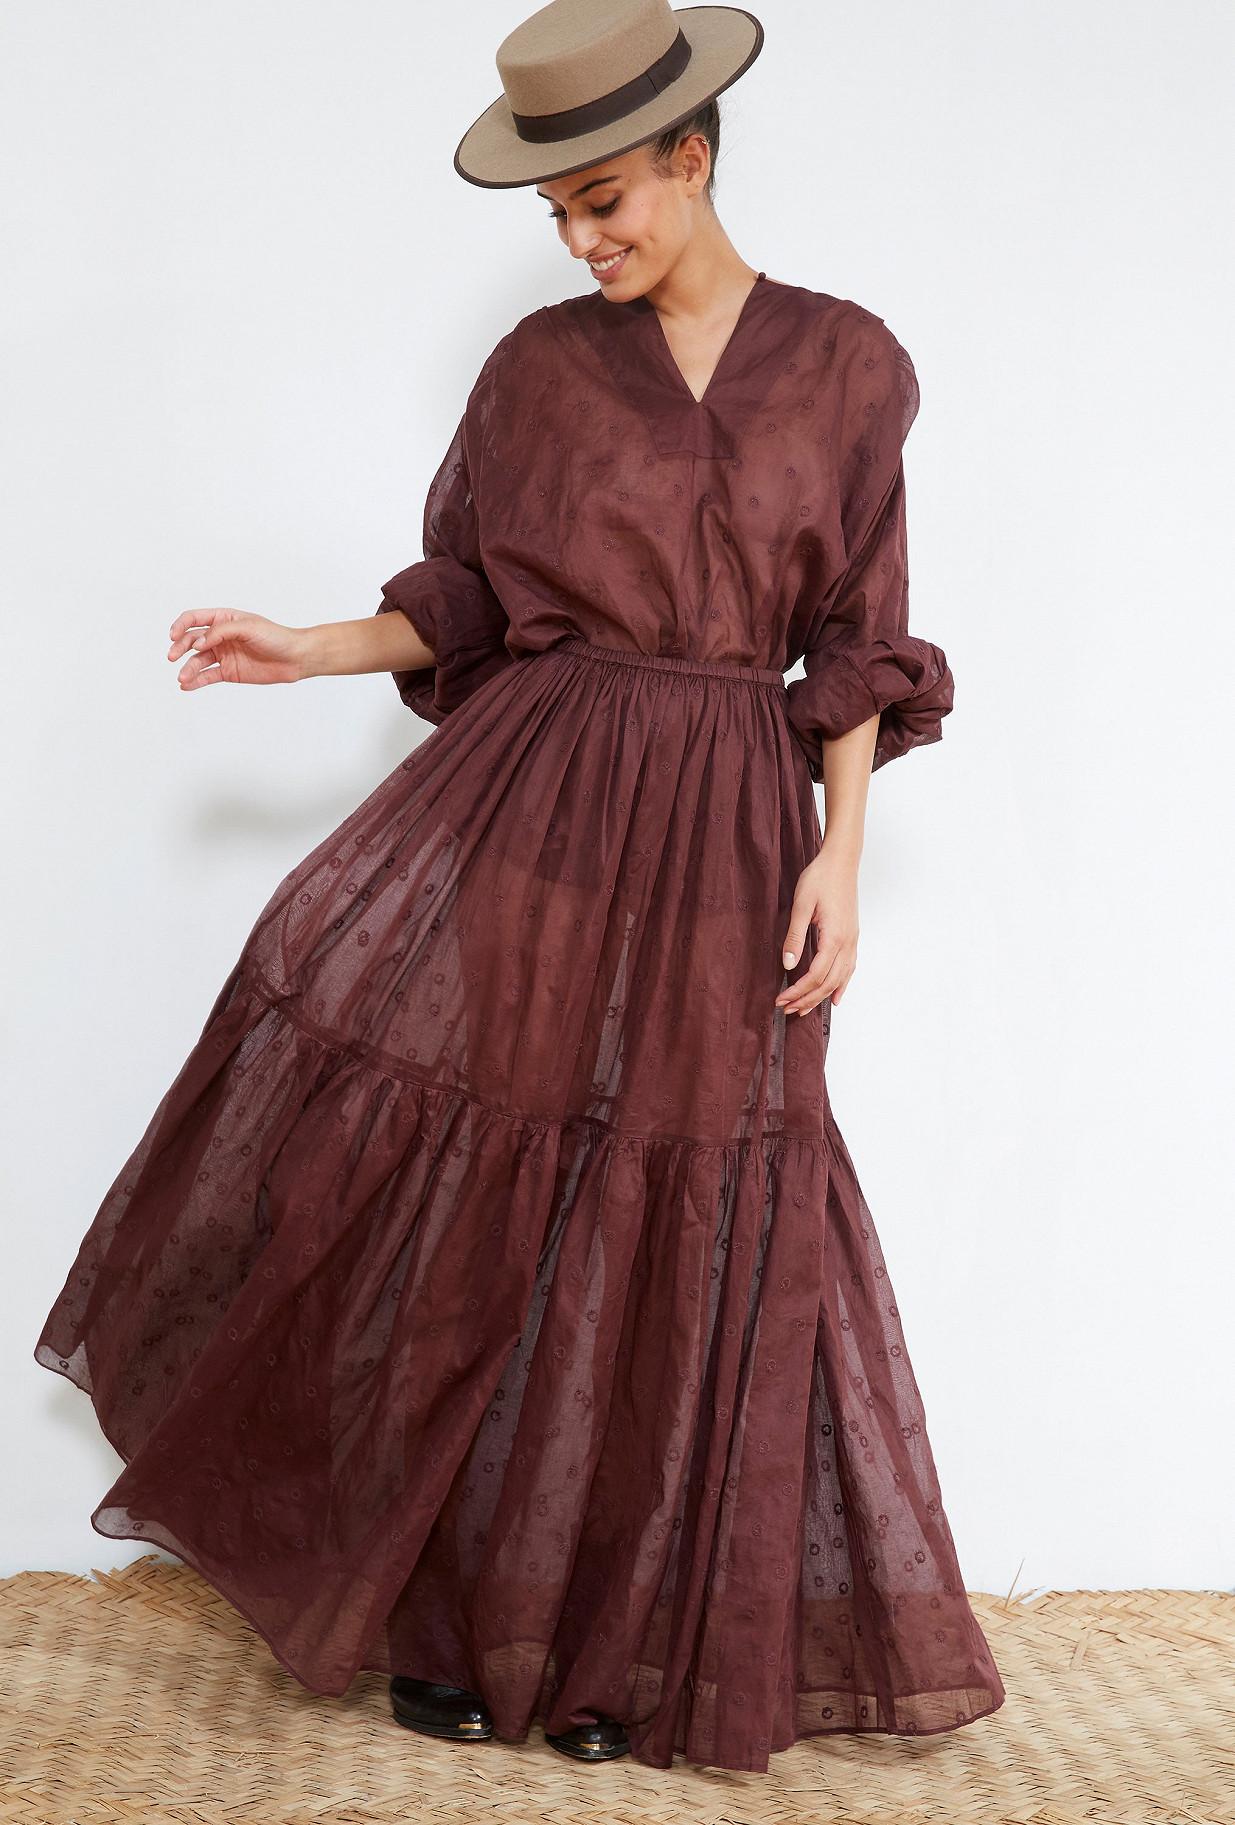 Berry  SKIRT  Andromaque Mes demoiselles fashion clothes designer Paris